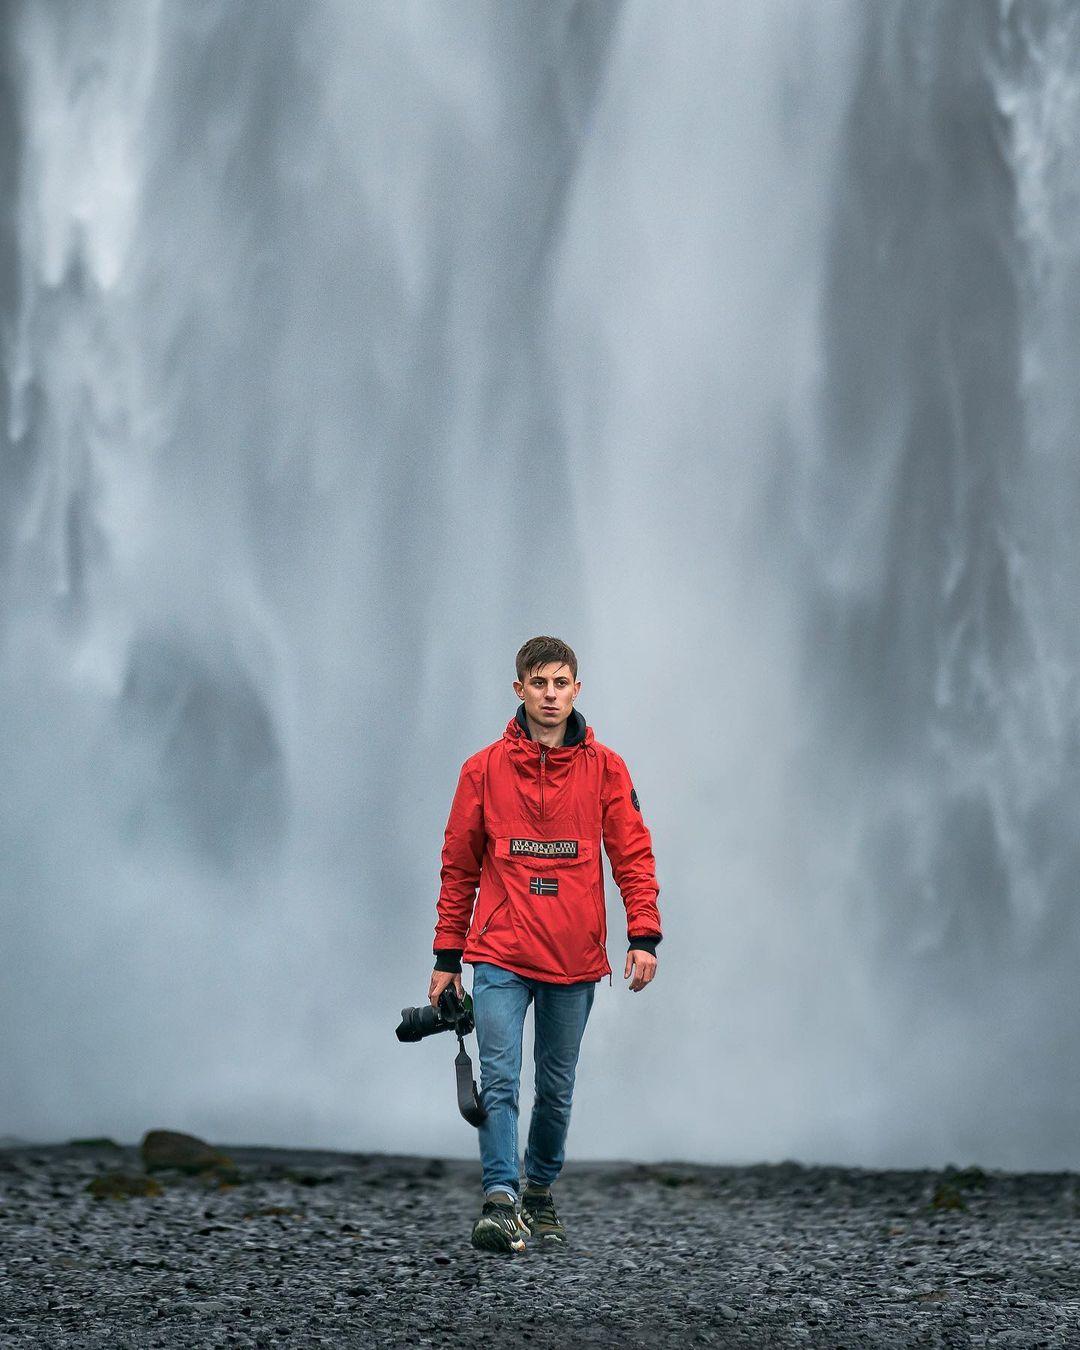 Впечатляющие снимки из путешествий Джеймса Тео